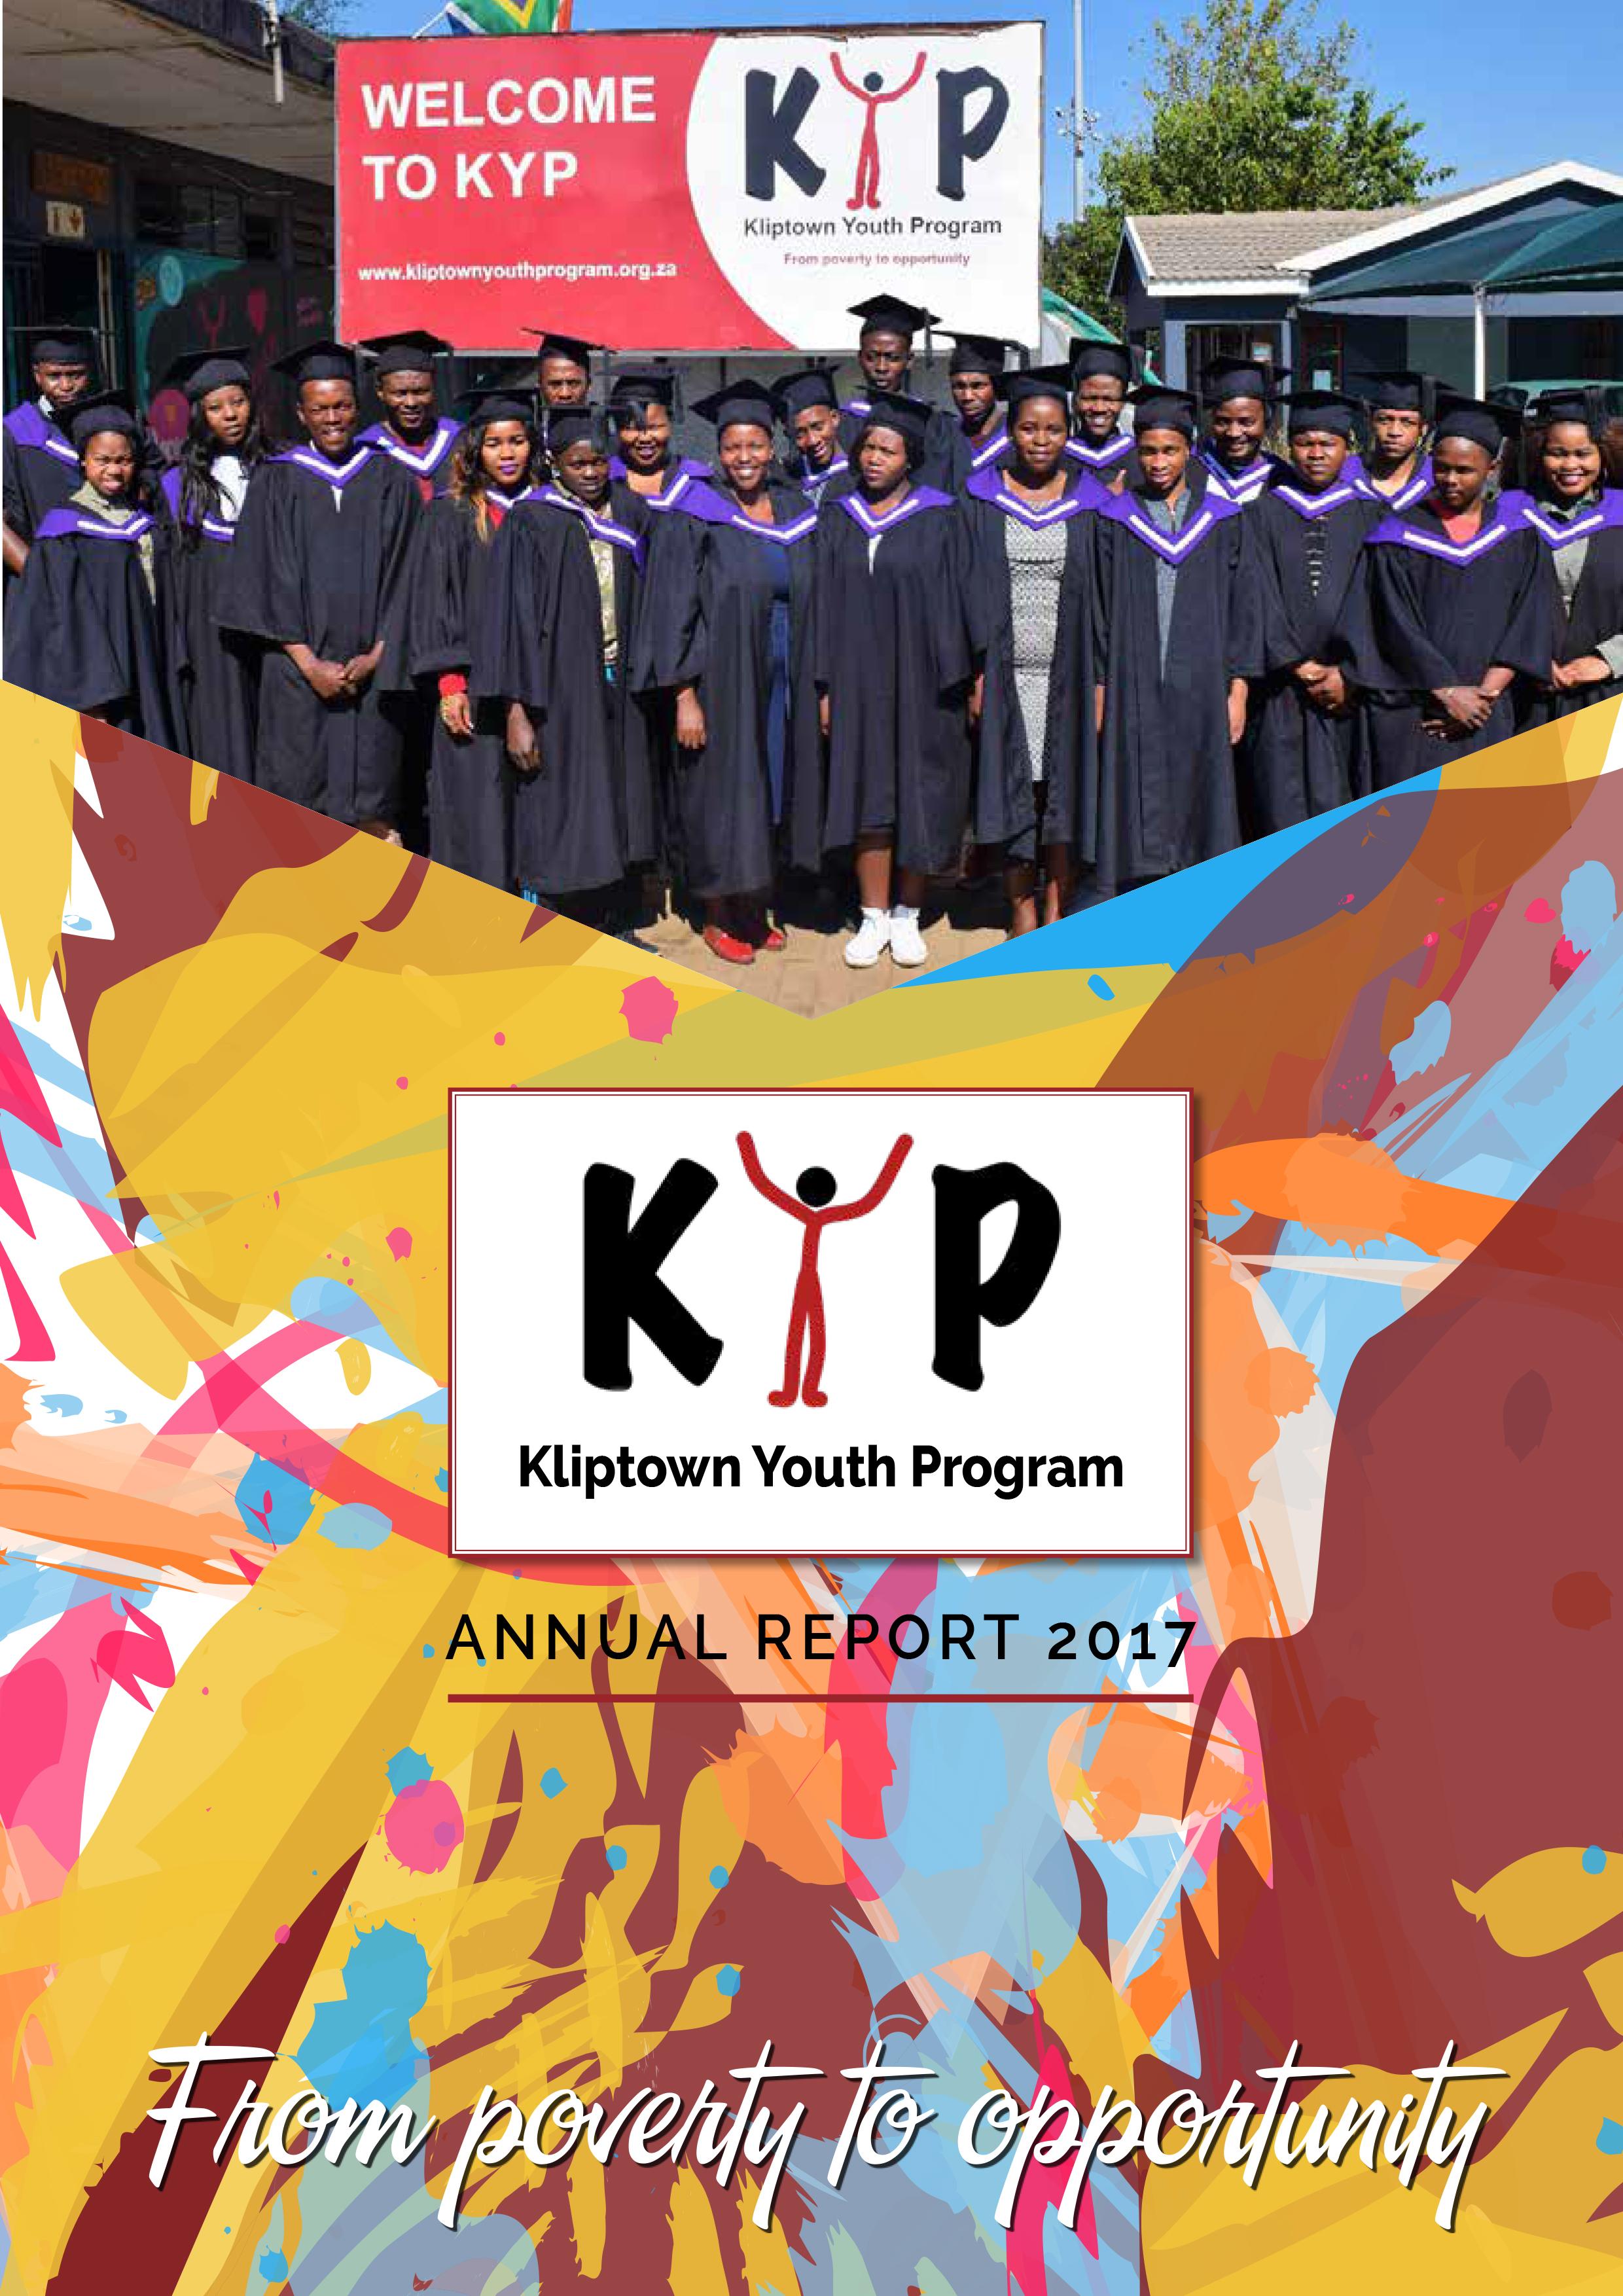 KYP Annual Report 2017.jpg